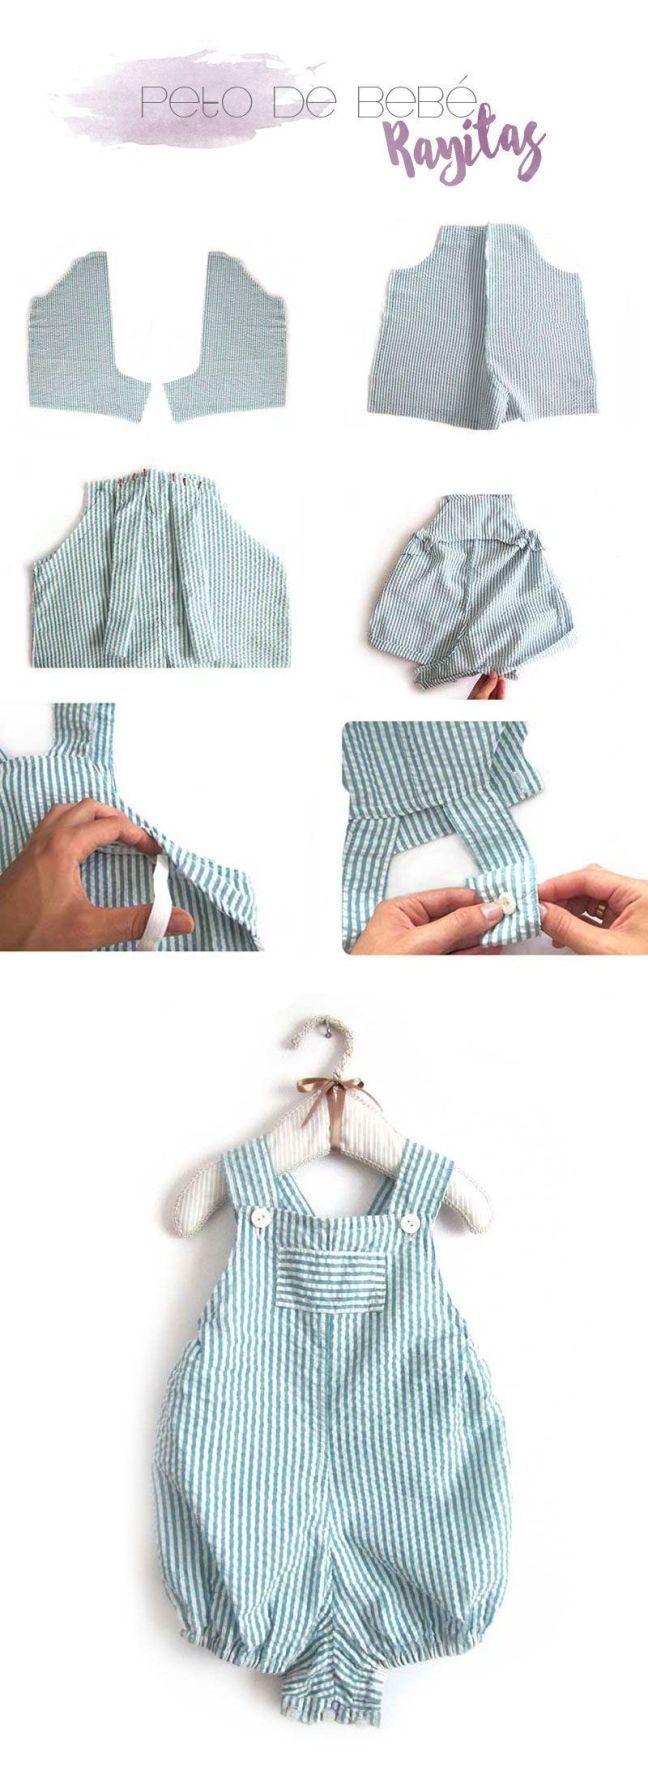 4 tutoriales de ropa de bebé de verano DIY   Kinderbekleidung, Babys ...